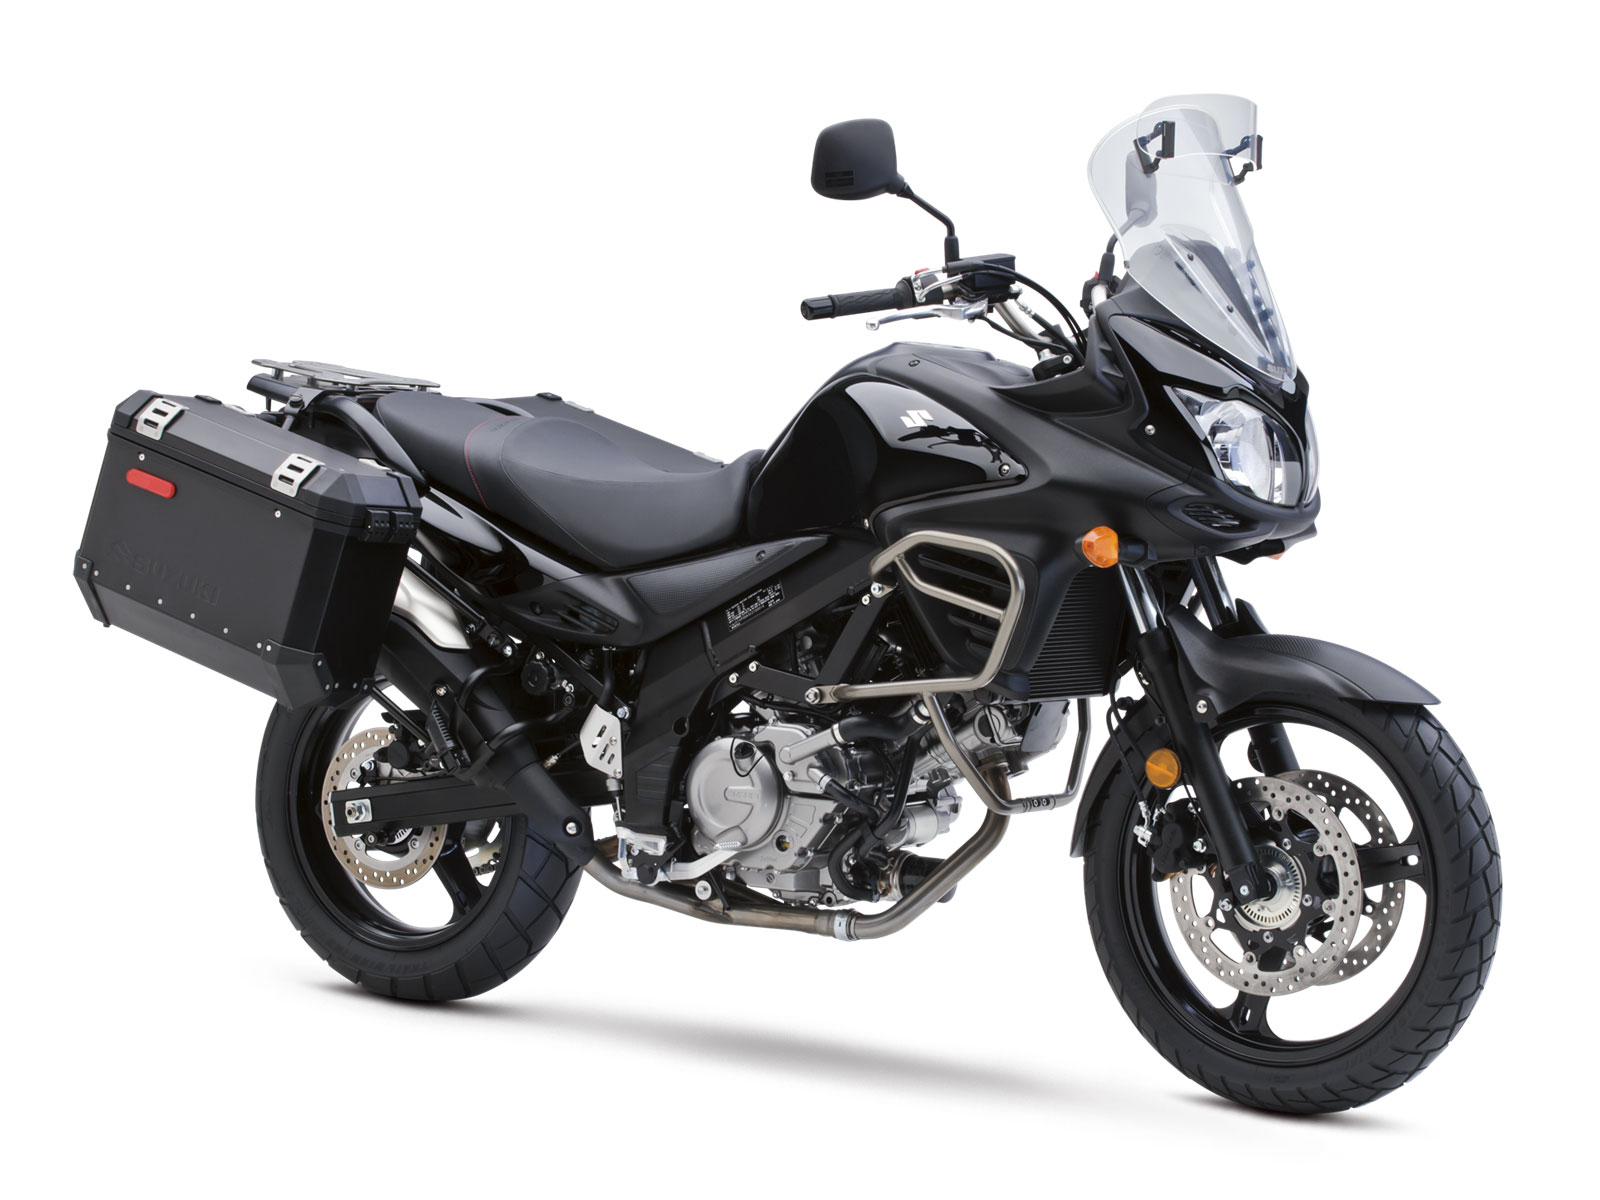 Suzuki V Strom Abs Adventure Specs